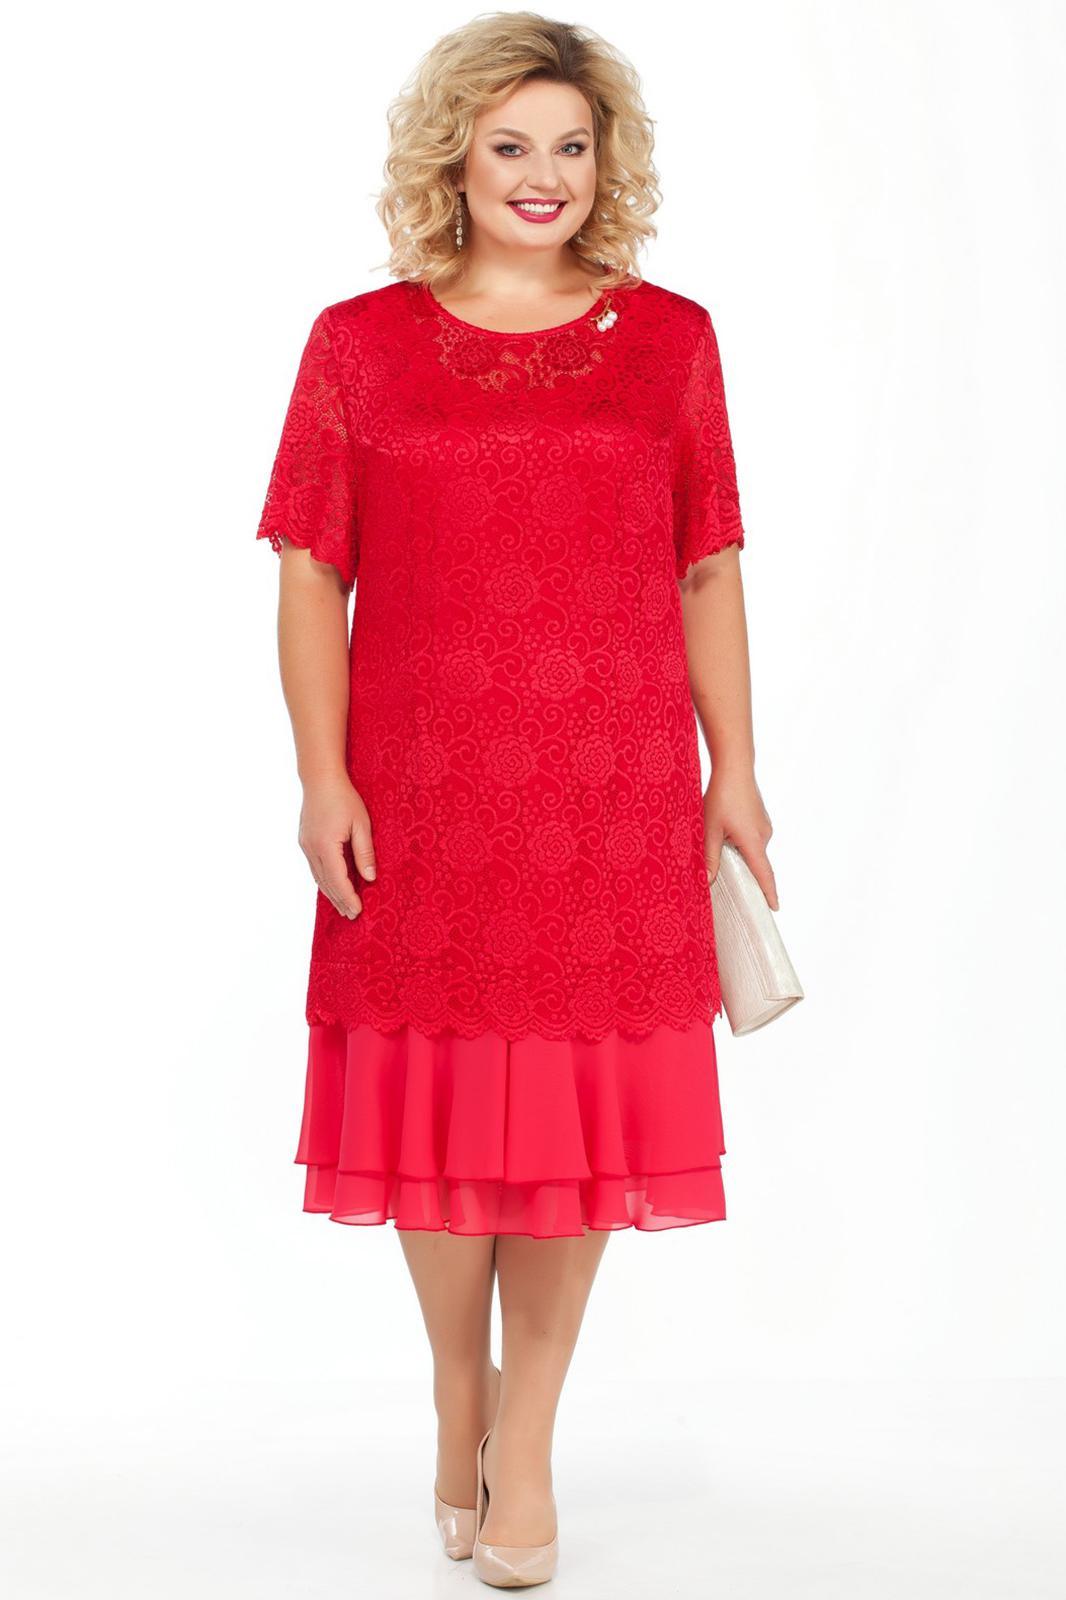 2dfa8fecedeab48 Купить платье большого размера в Минске. Белорусские платья для полных